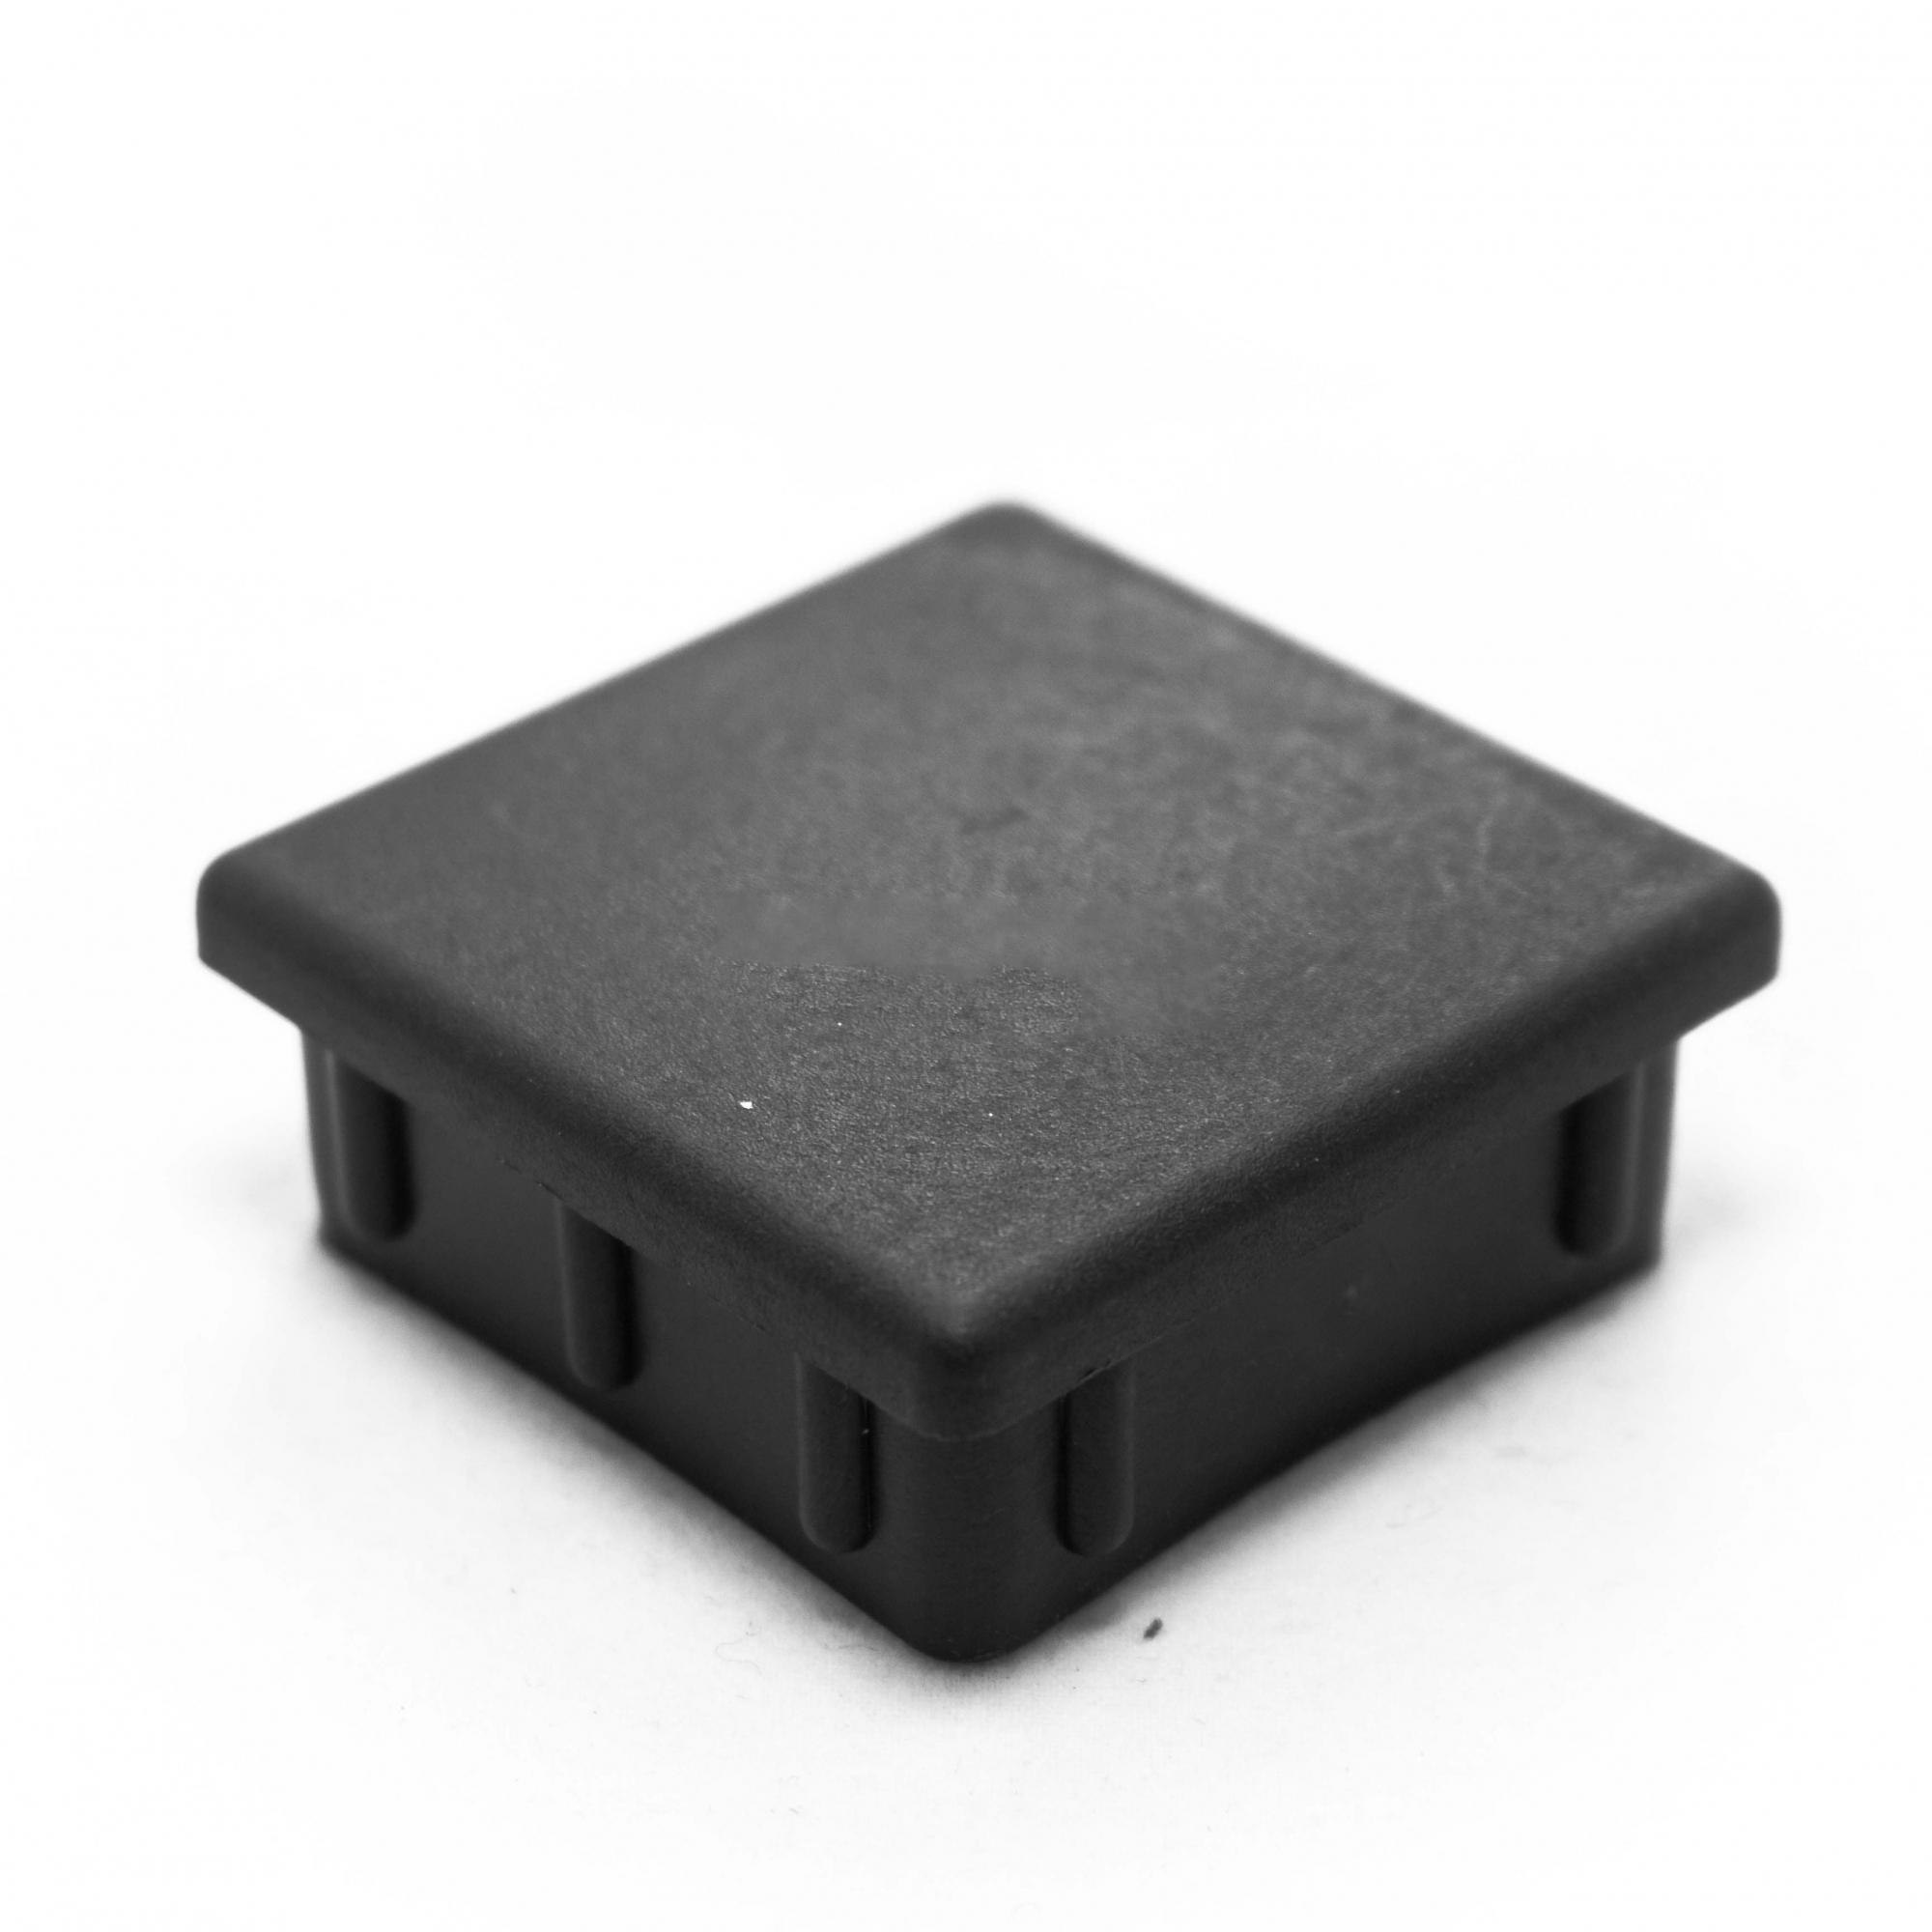 Ponteira 60x60 - Interna - Caixa com 5 unidades